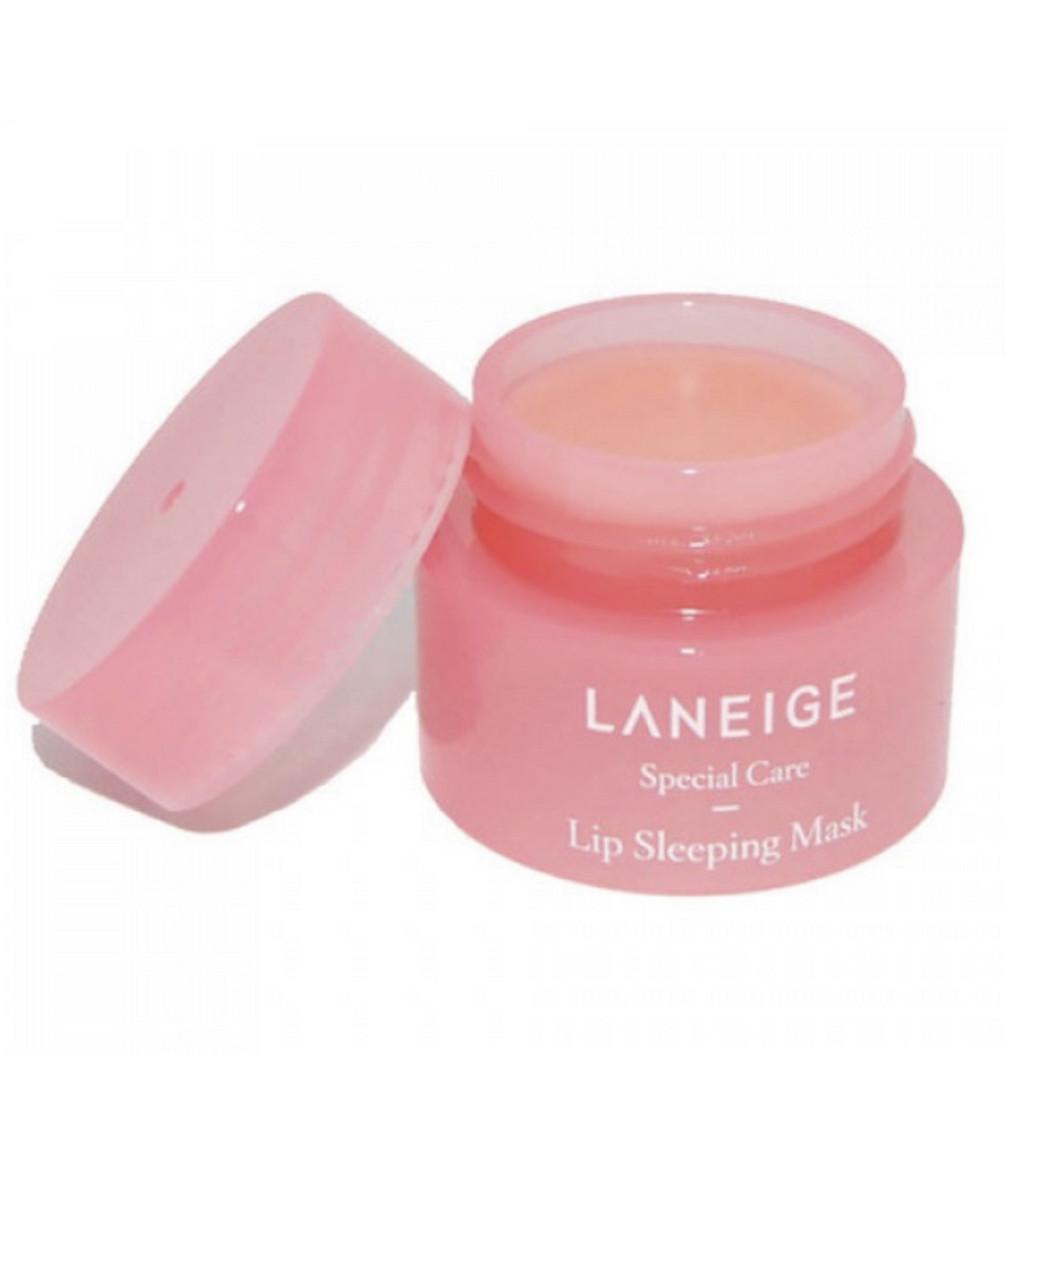 Ночная маска для губ LANEIGE Lip Sleeping Mask 3g